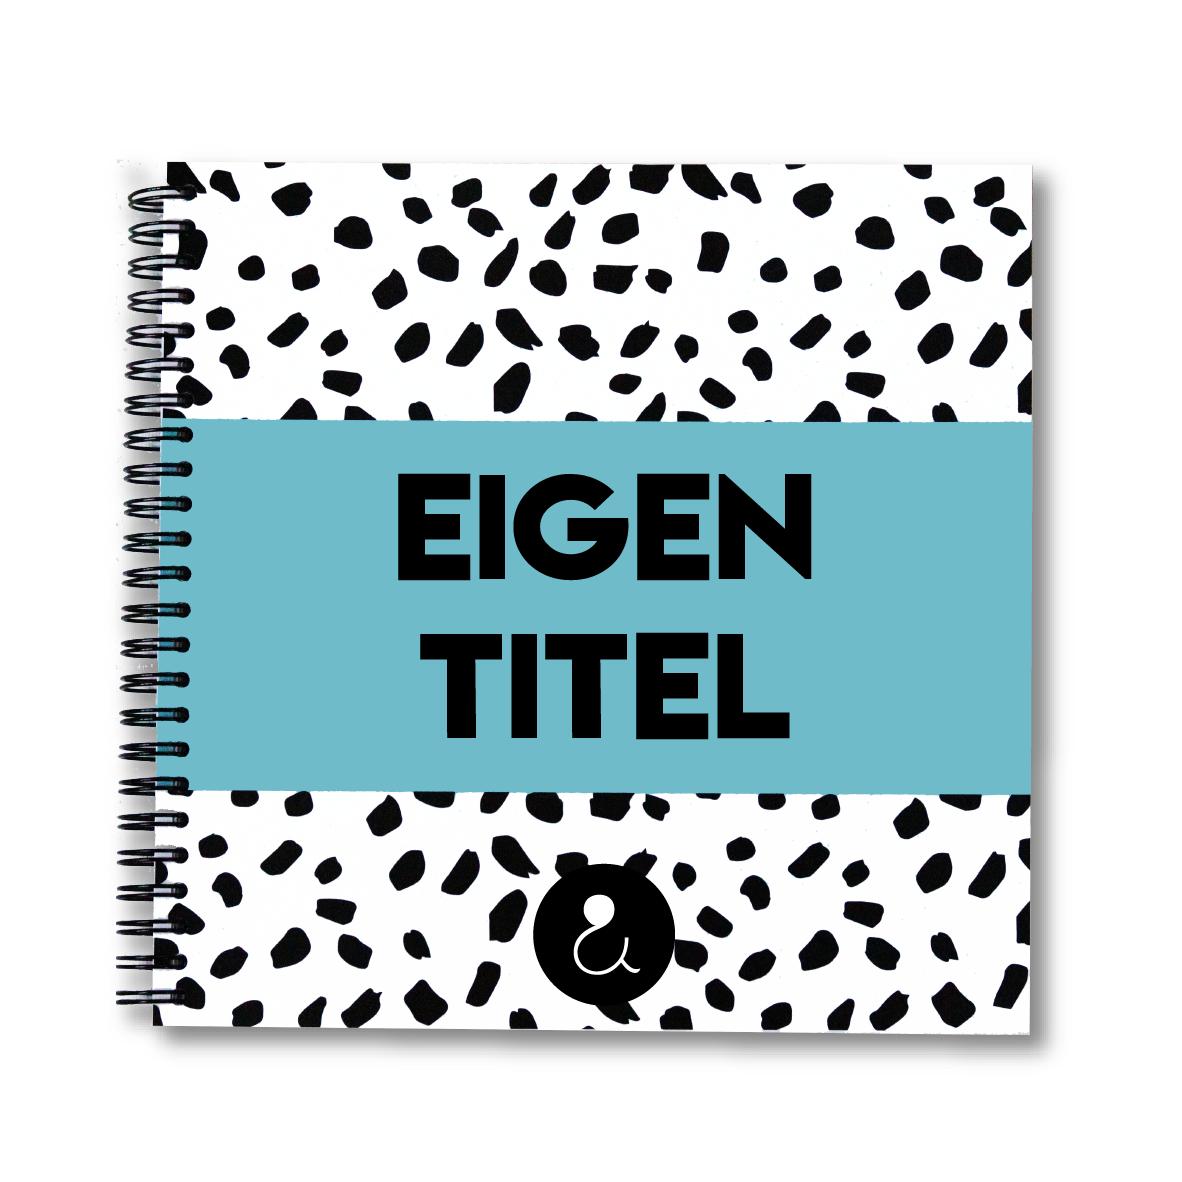 Plakboek met eigen titel   lichtblauw